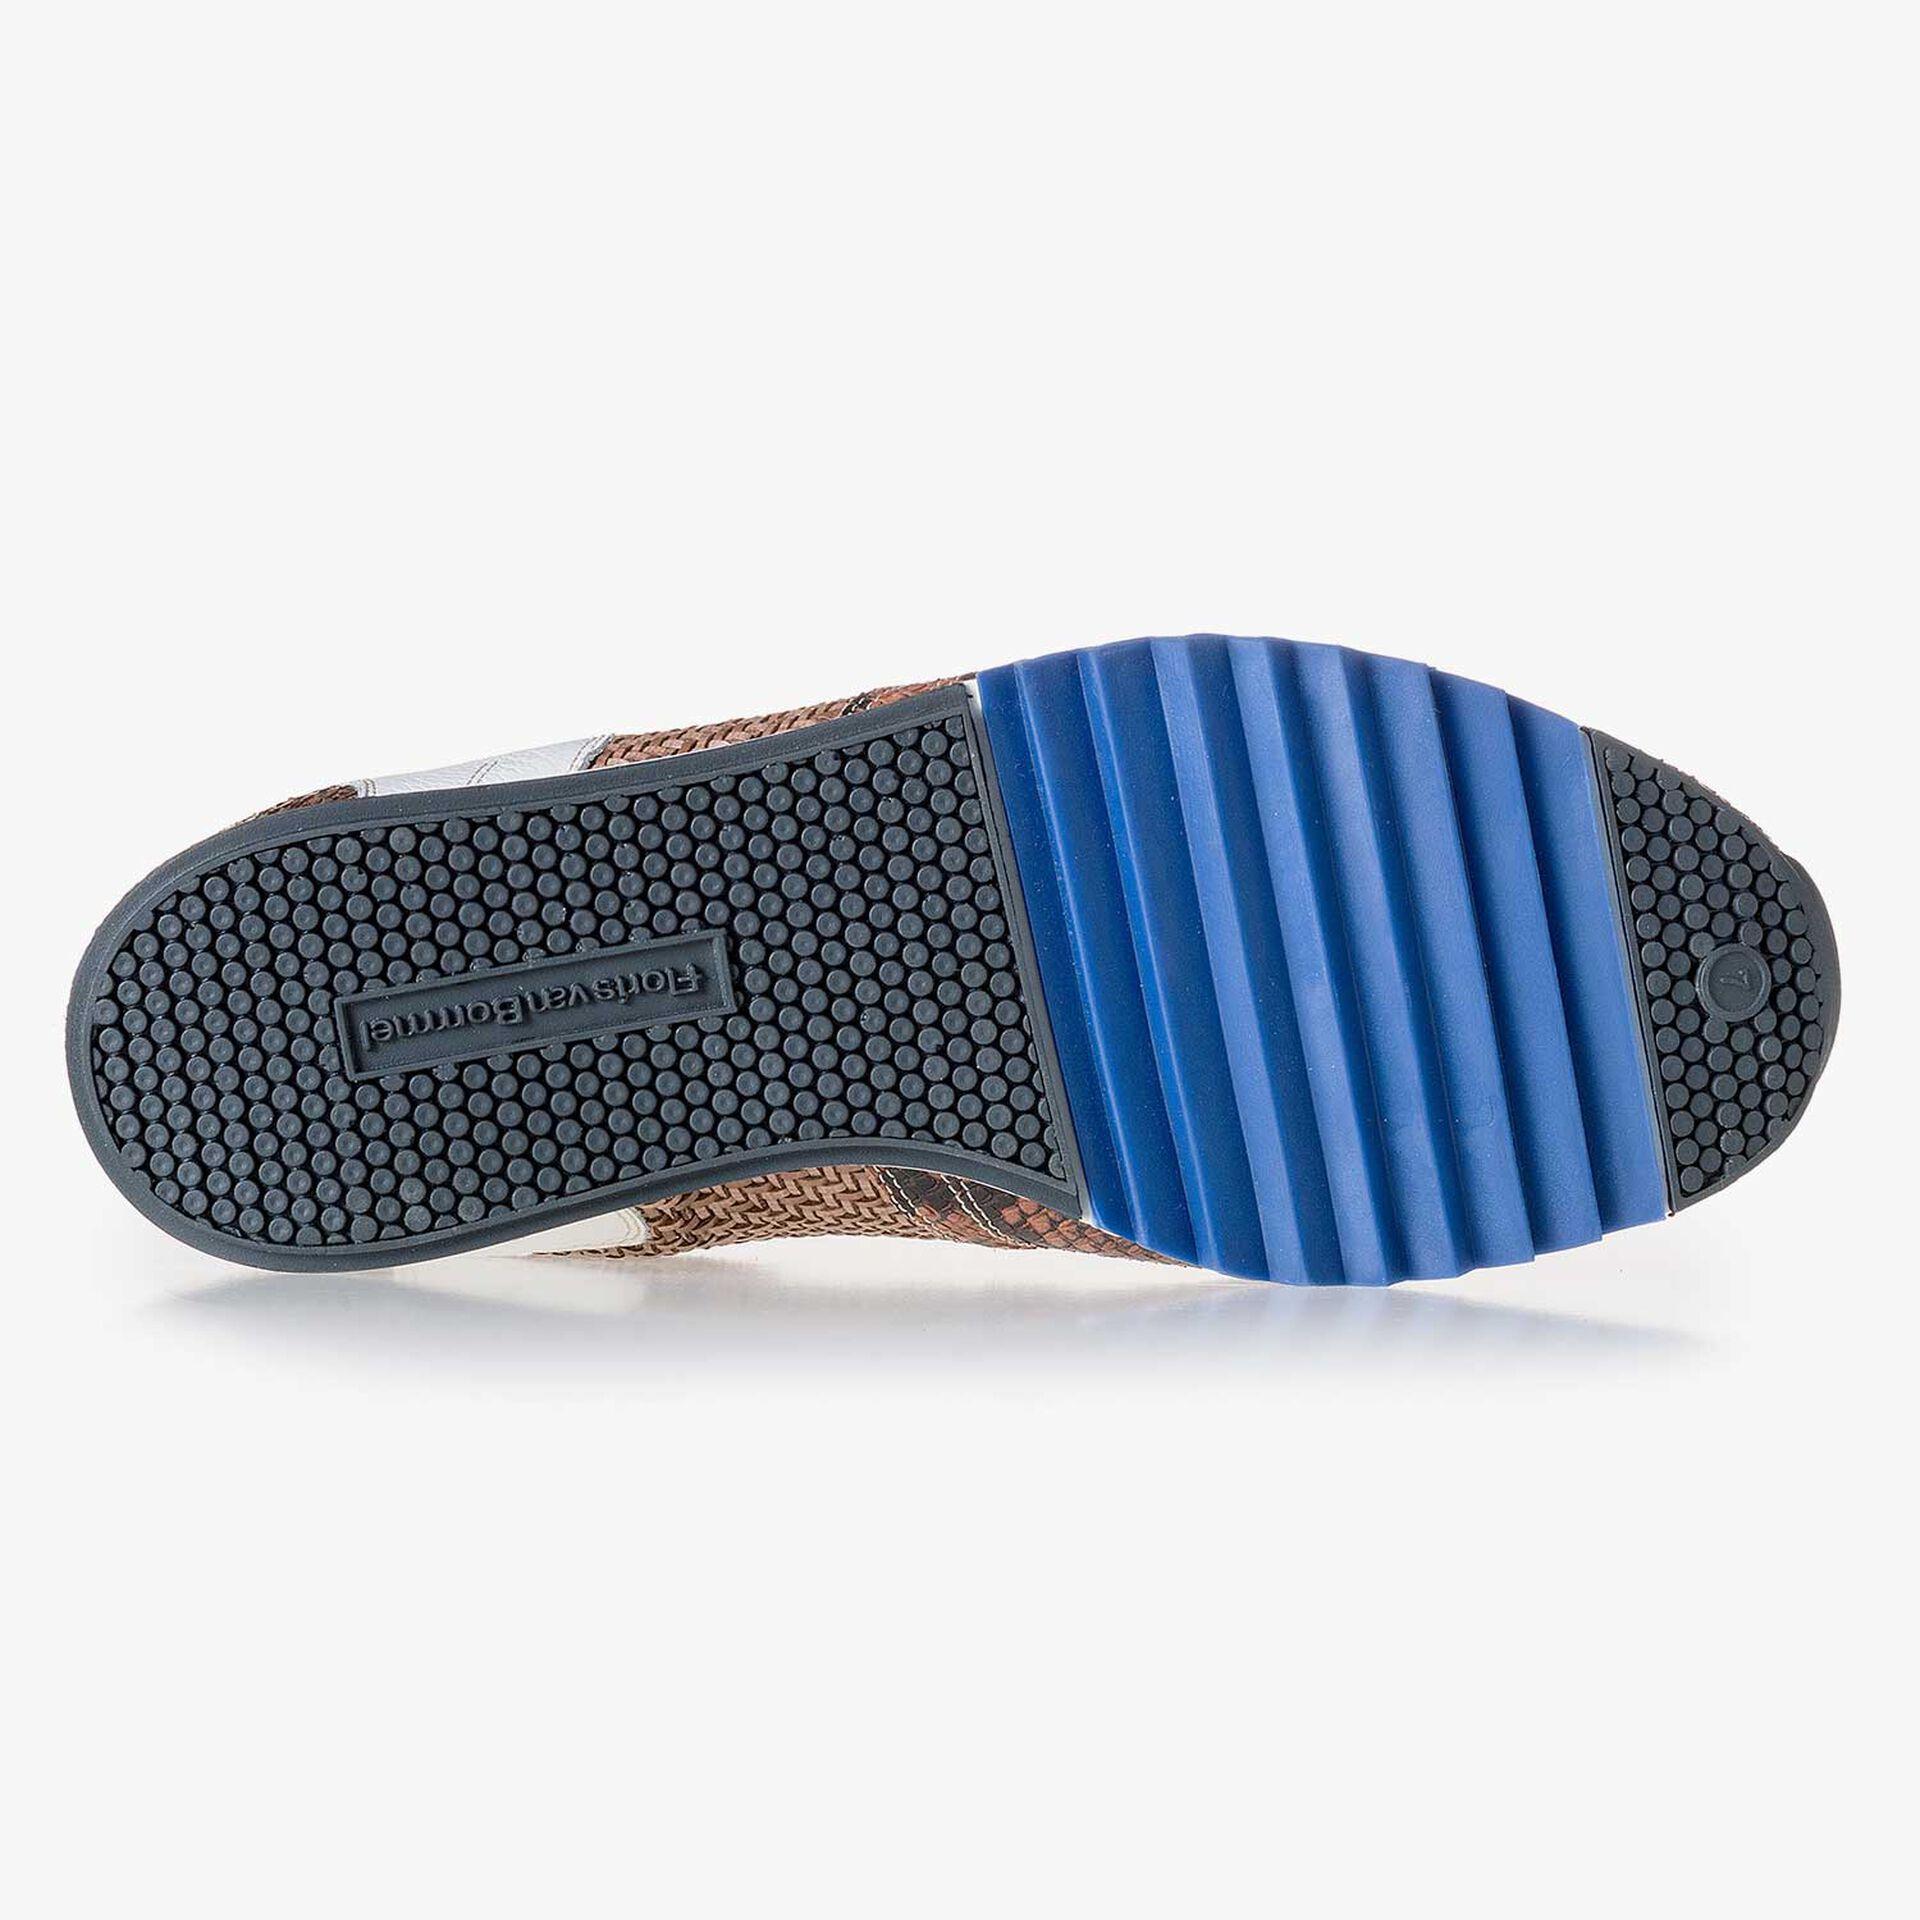 Cognacfarbenes Leder Sneaker mit Schlangenprint